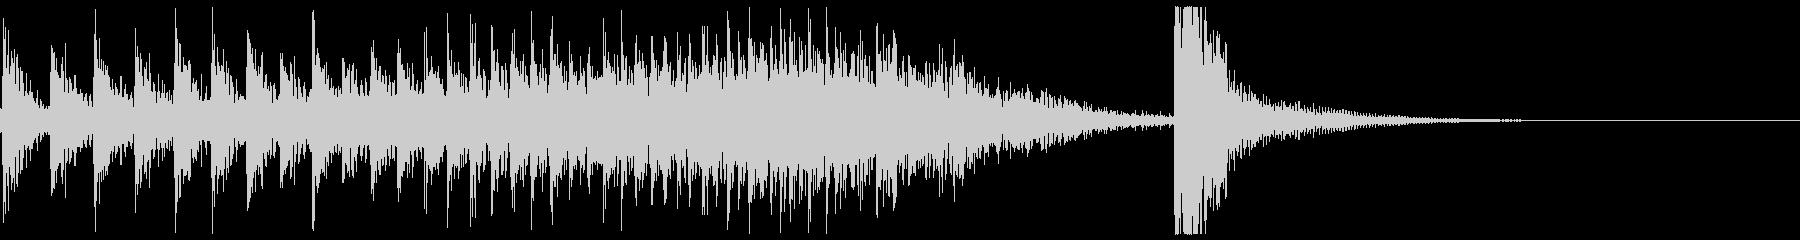 ドコドコ…ドドン!和太鼓ロール/ミドル1の未再生の波形